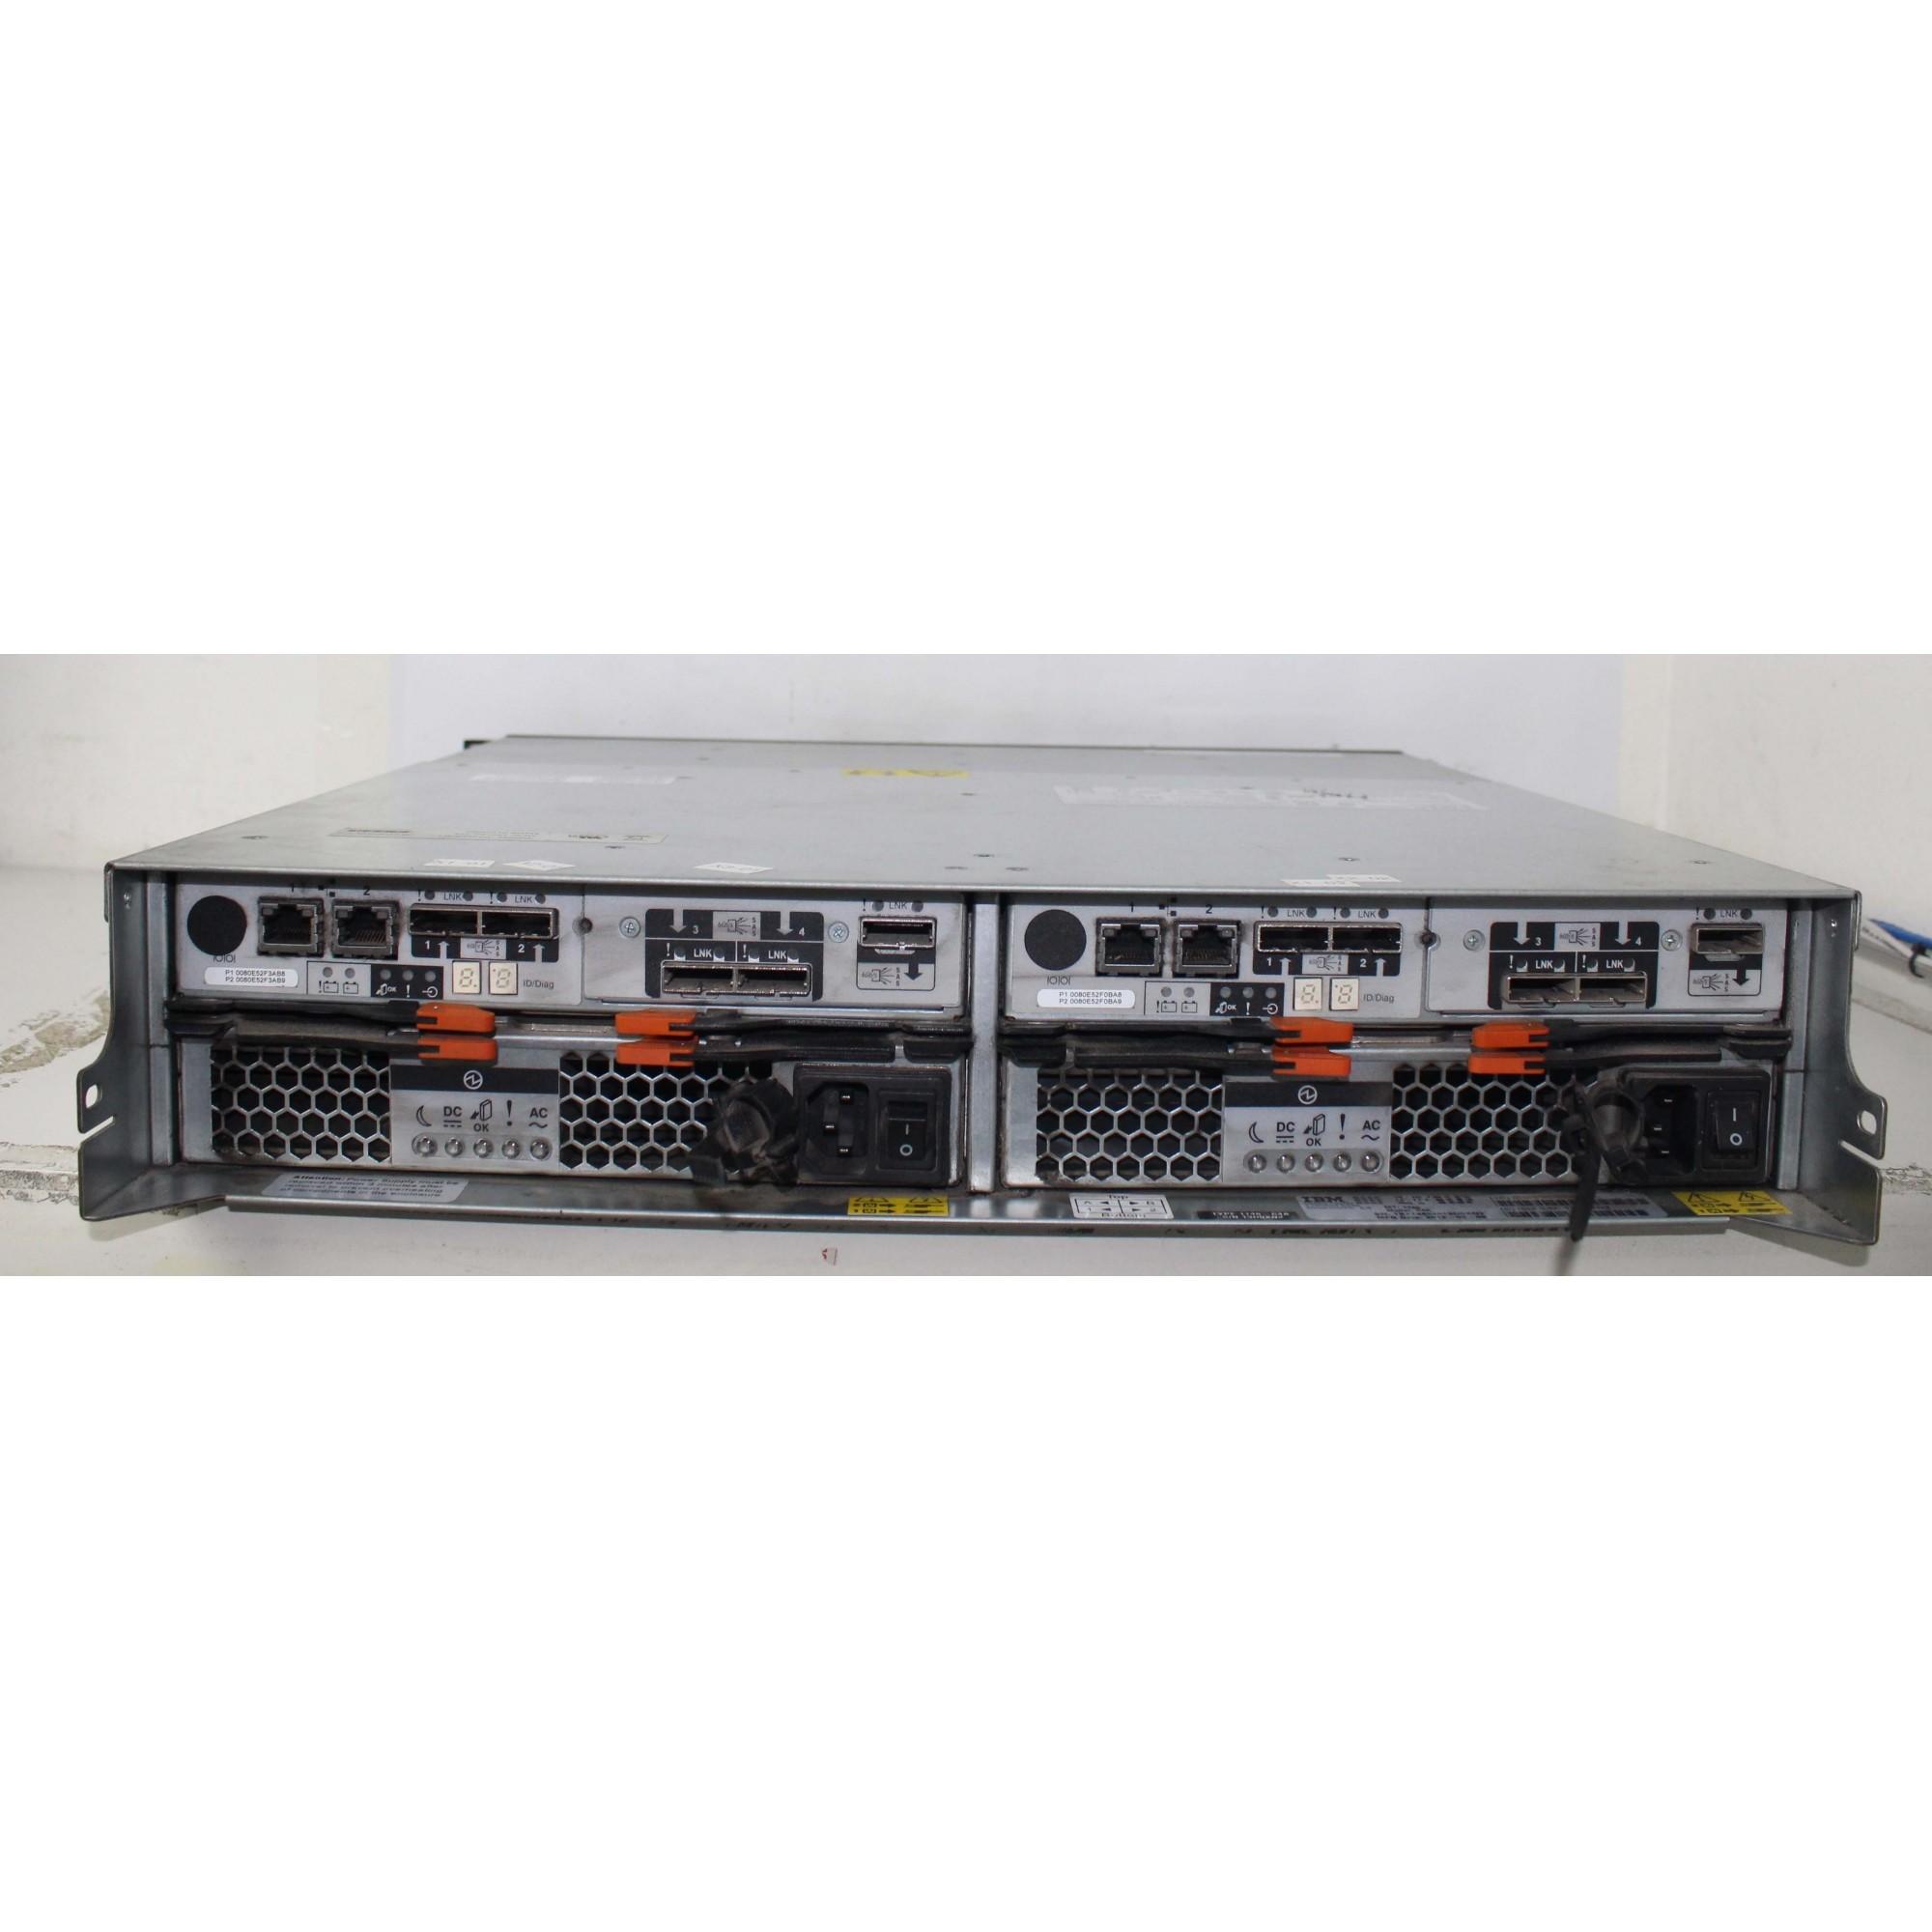 IBM System Storage DS3524 Express Storage System (Não Enviamos)